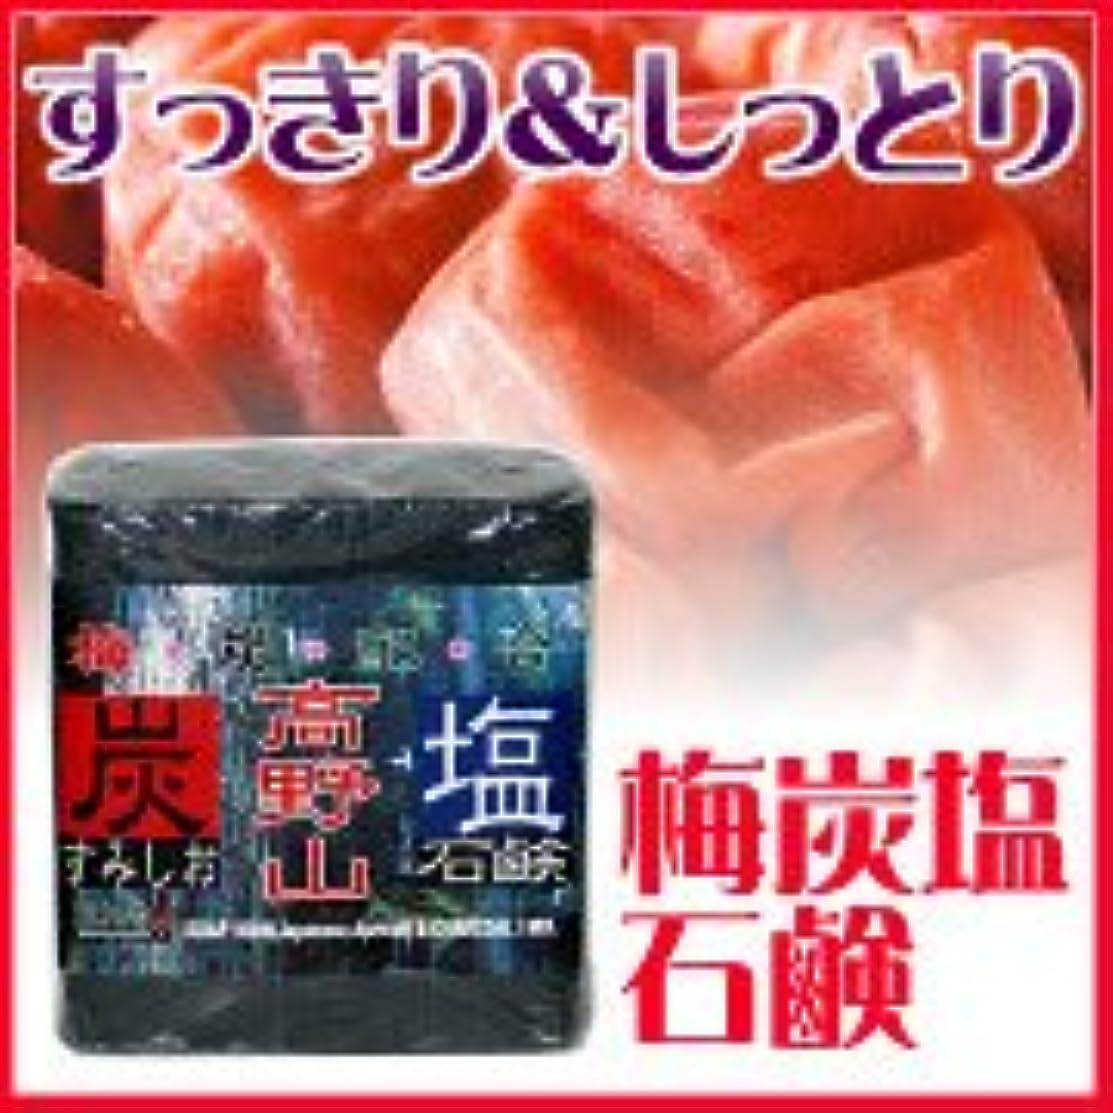 居眠りする制裁優雅な★10個セット★梅炭塩石鹸85g(泡立てネットつき)